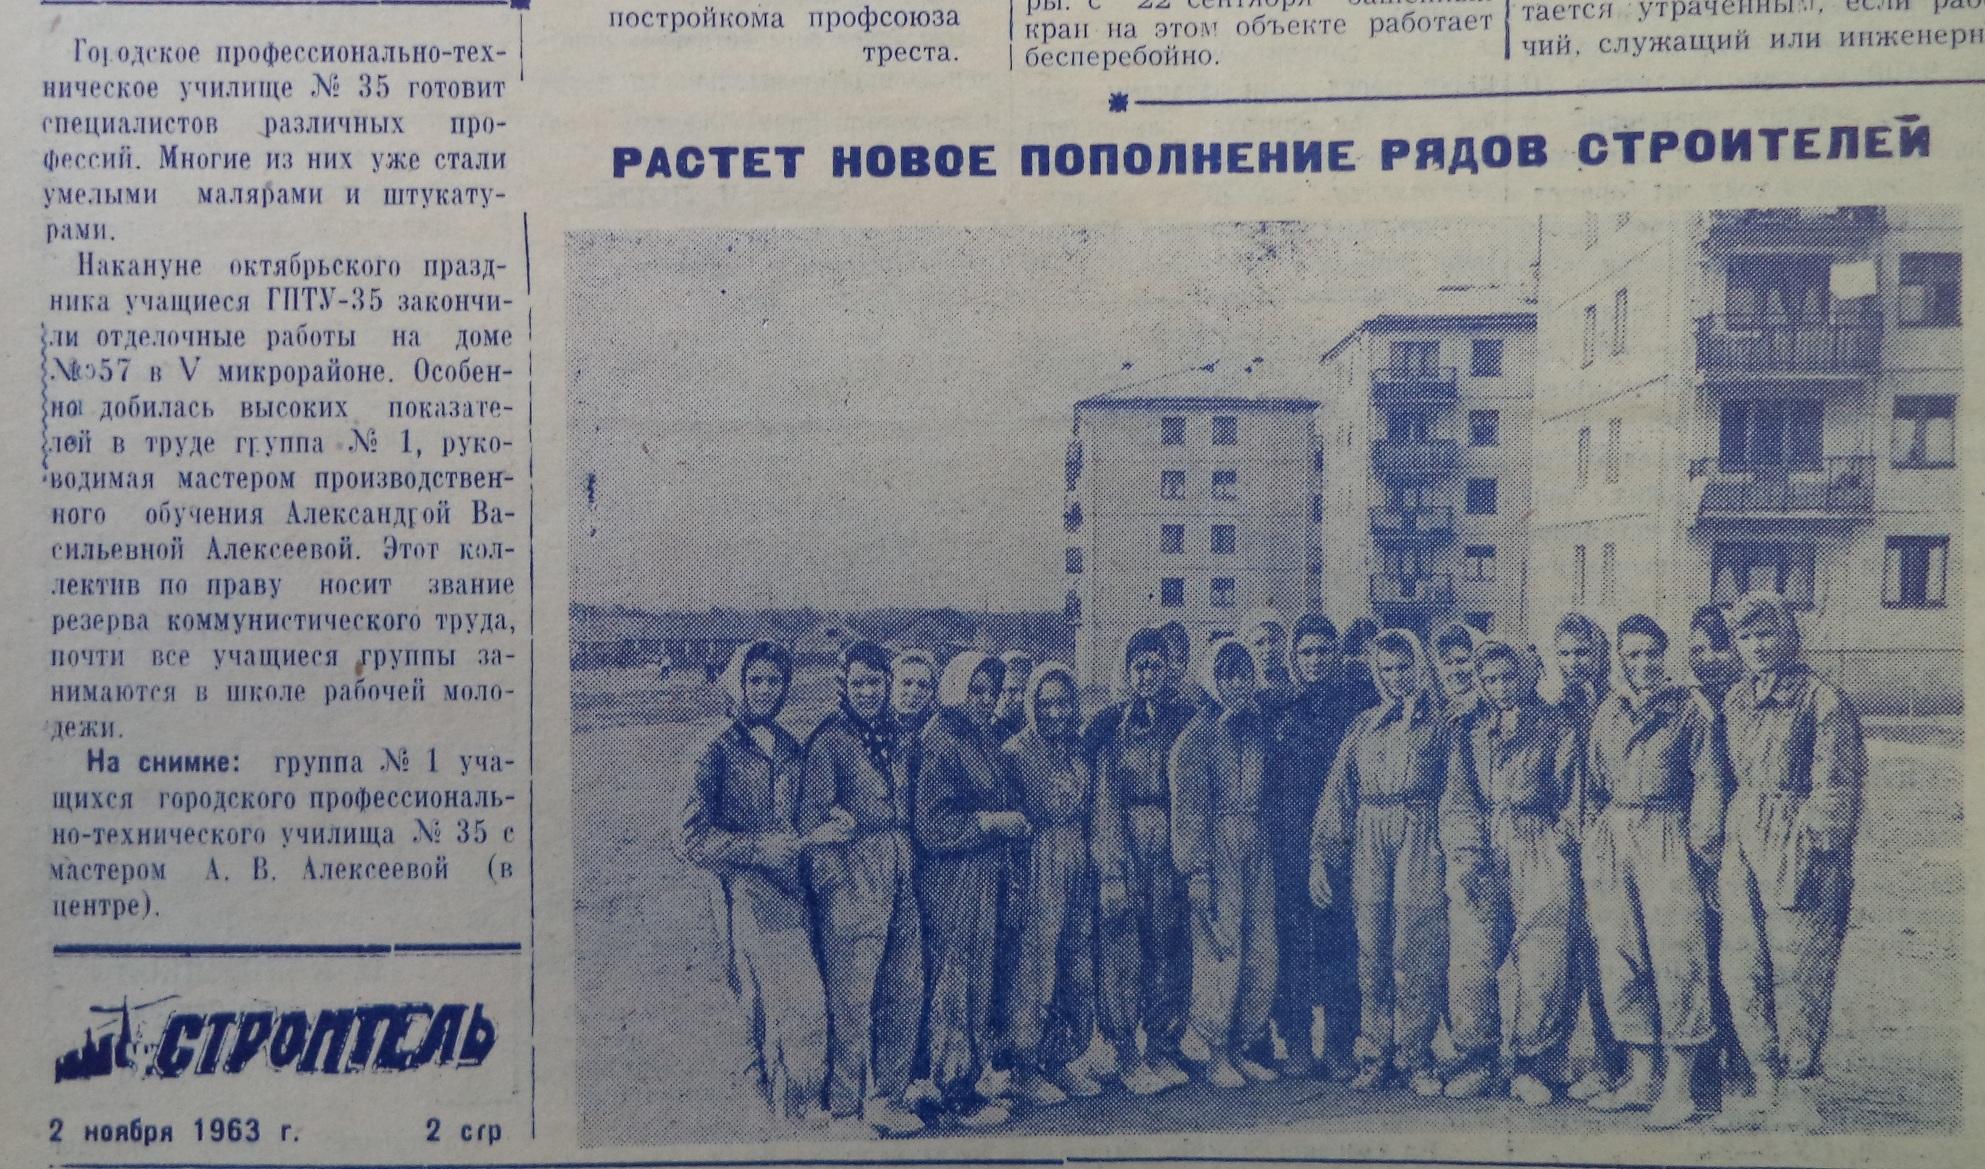 Партизанская-ФОТО-09-Строитель-1963-2 ноября-ул. Парт.-96-98-100